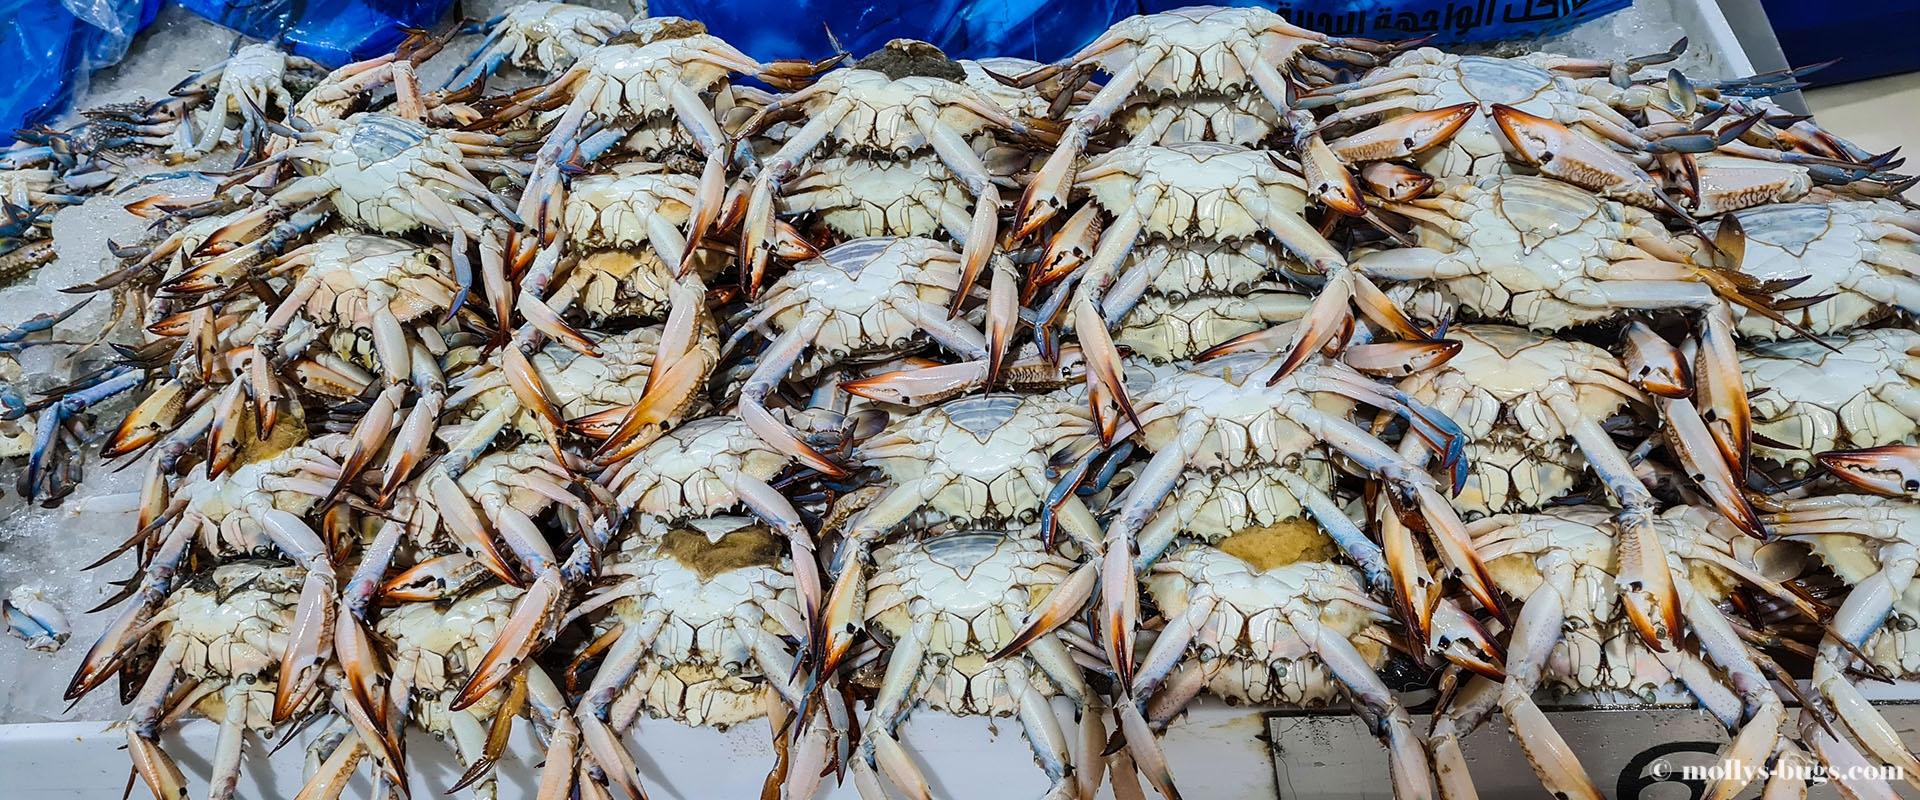 crabs-1.jpg